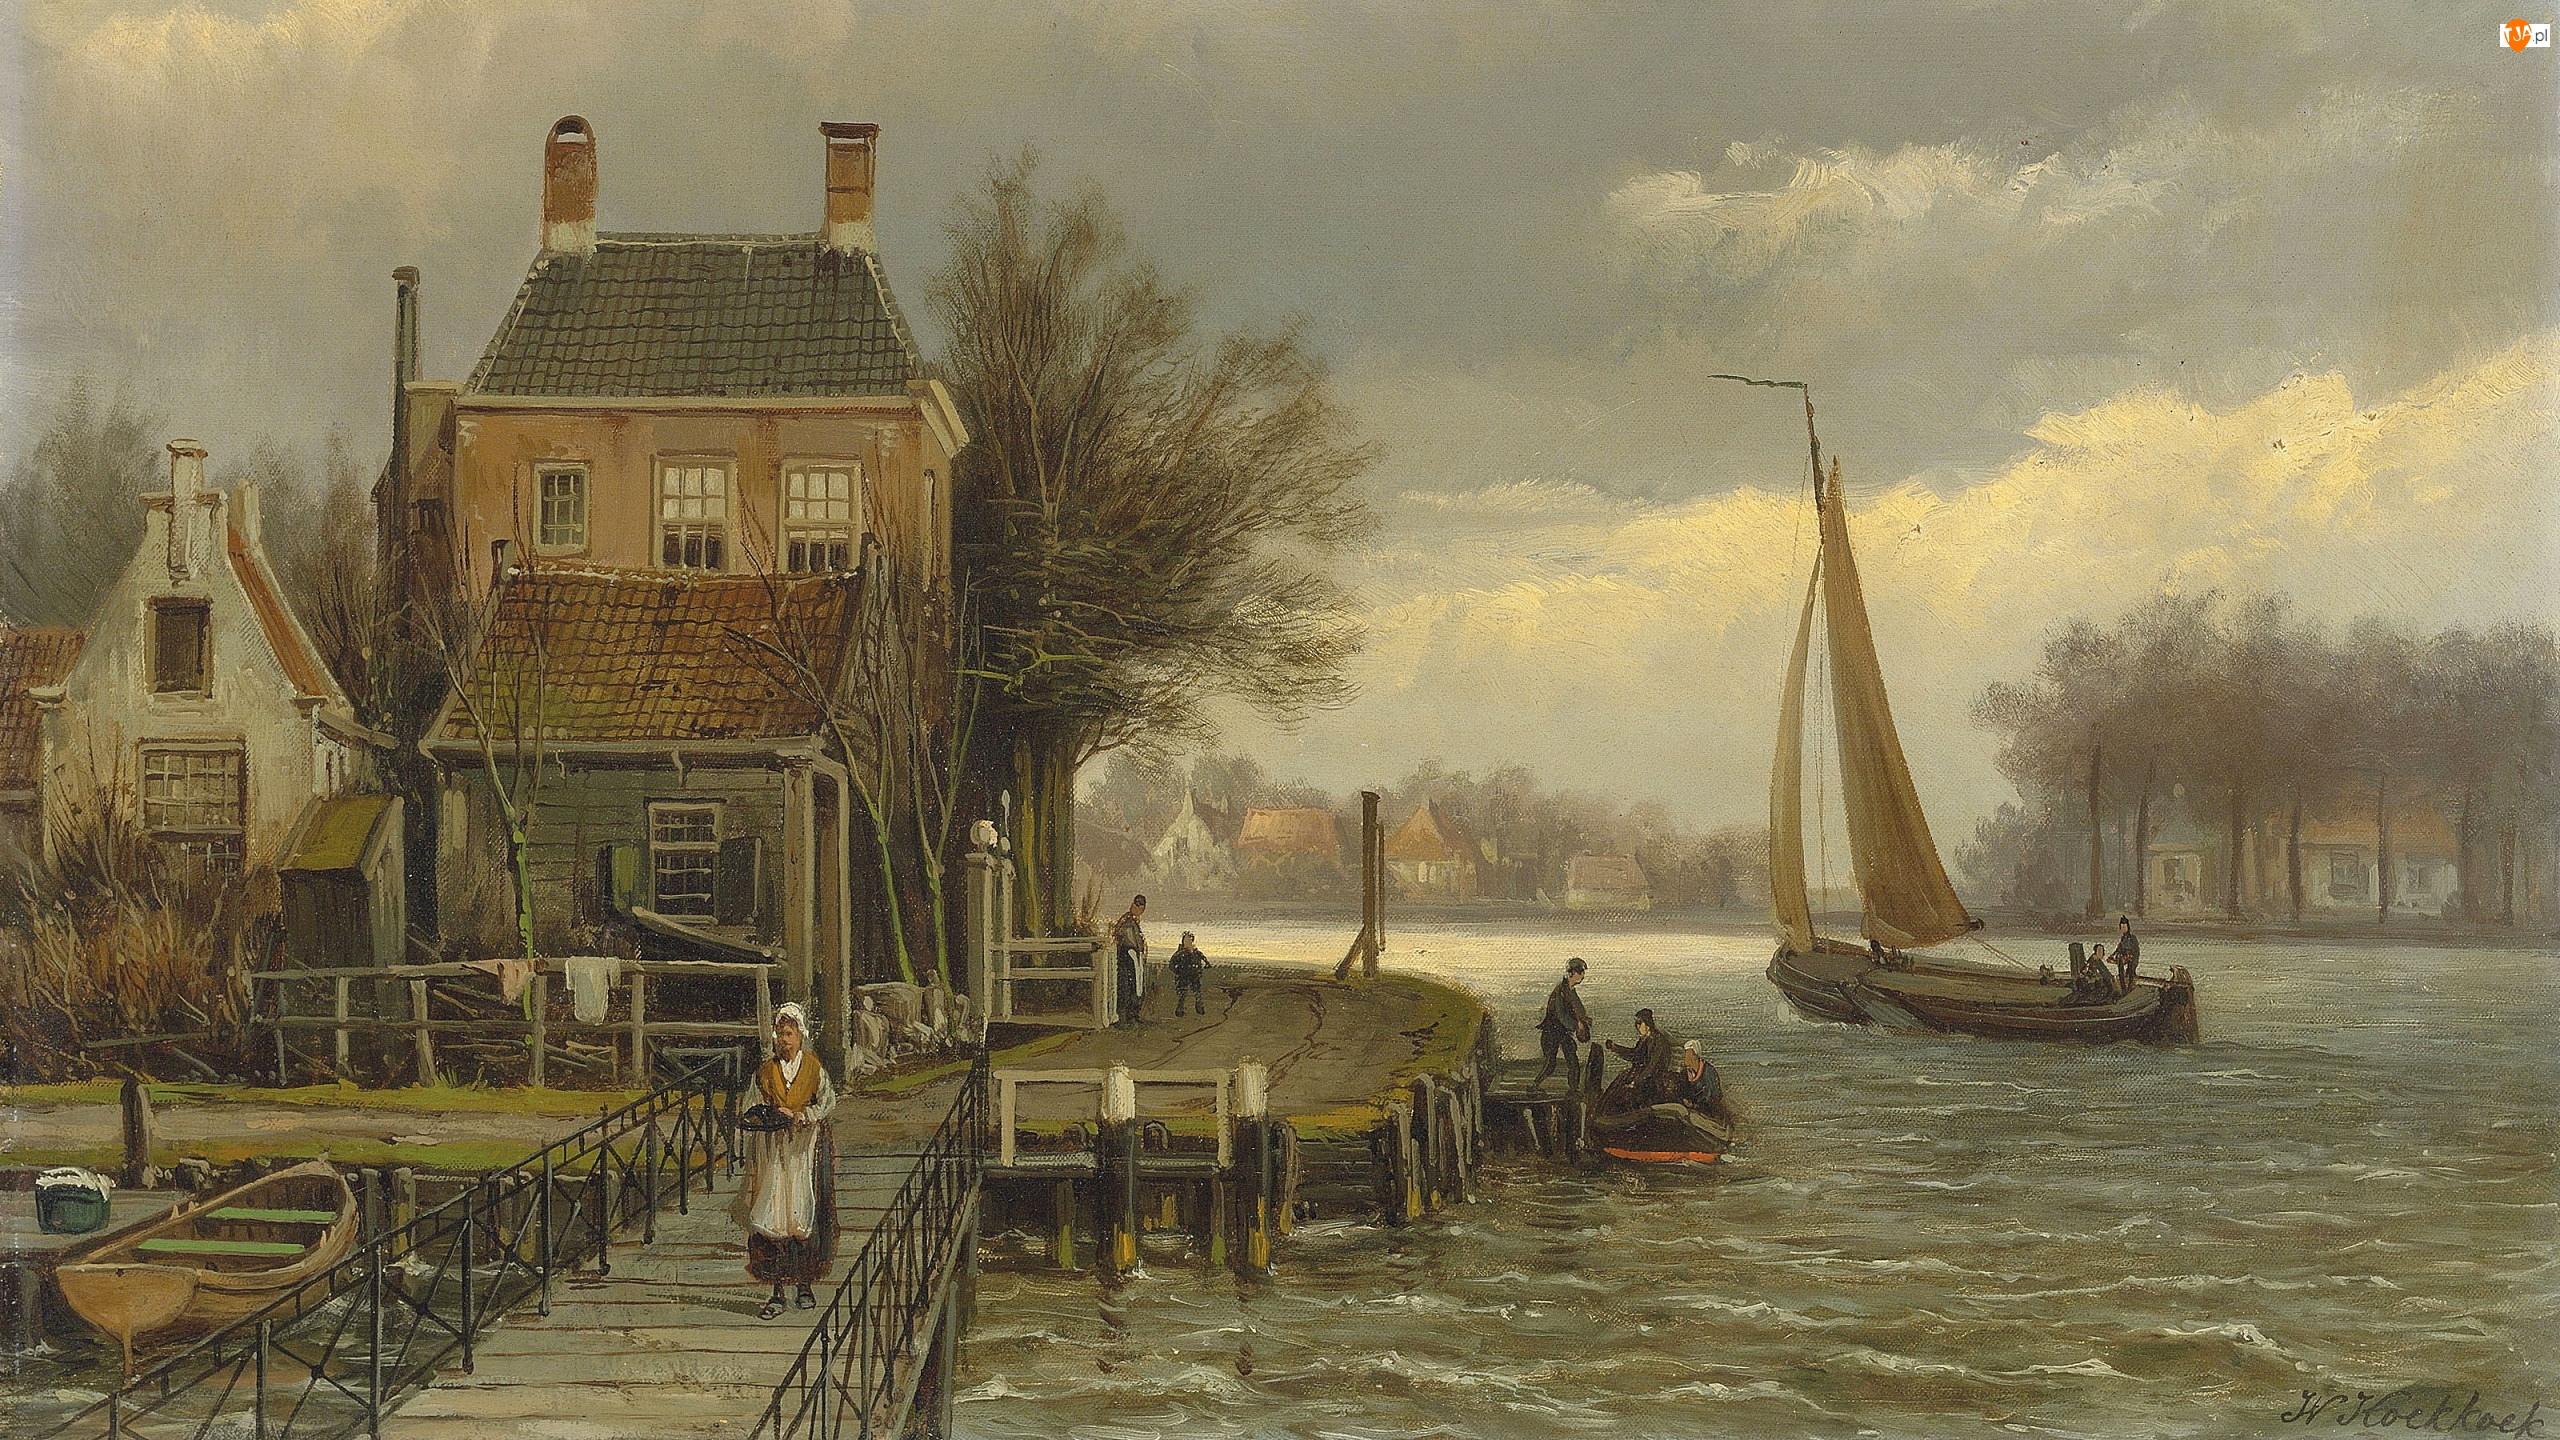 Obraz, Willem Koekkoek, Żaglówka, Malarstwo, Jezioro, Pomost, Dom